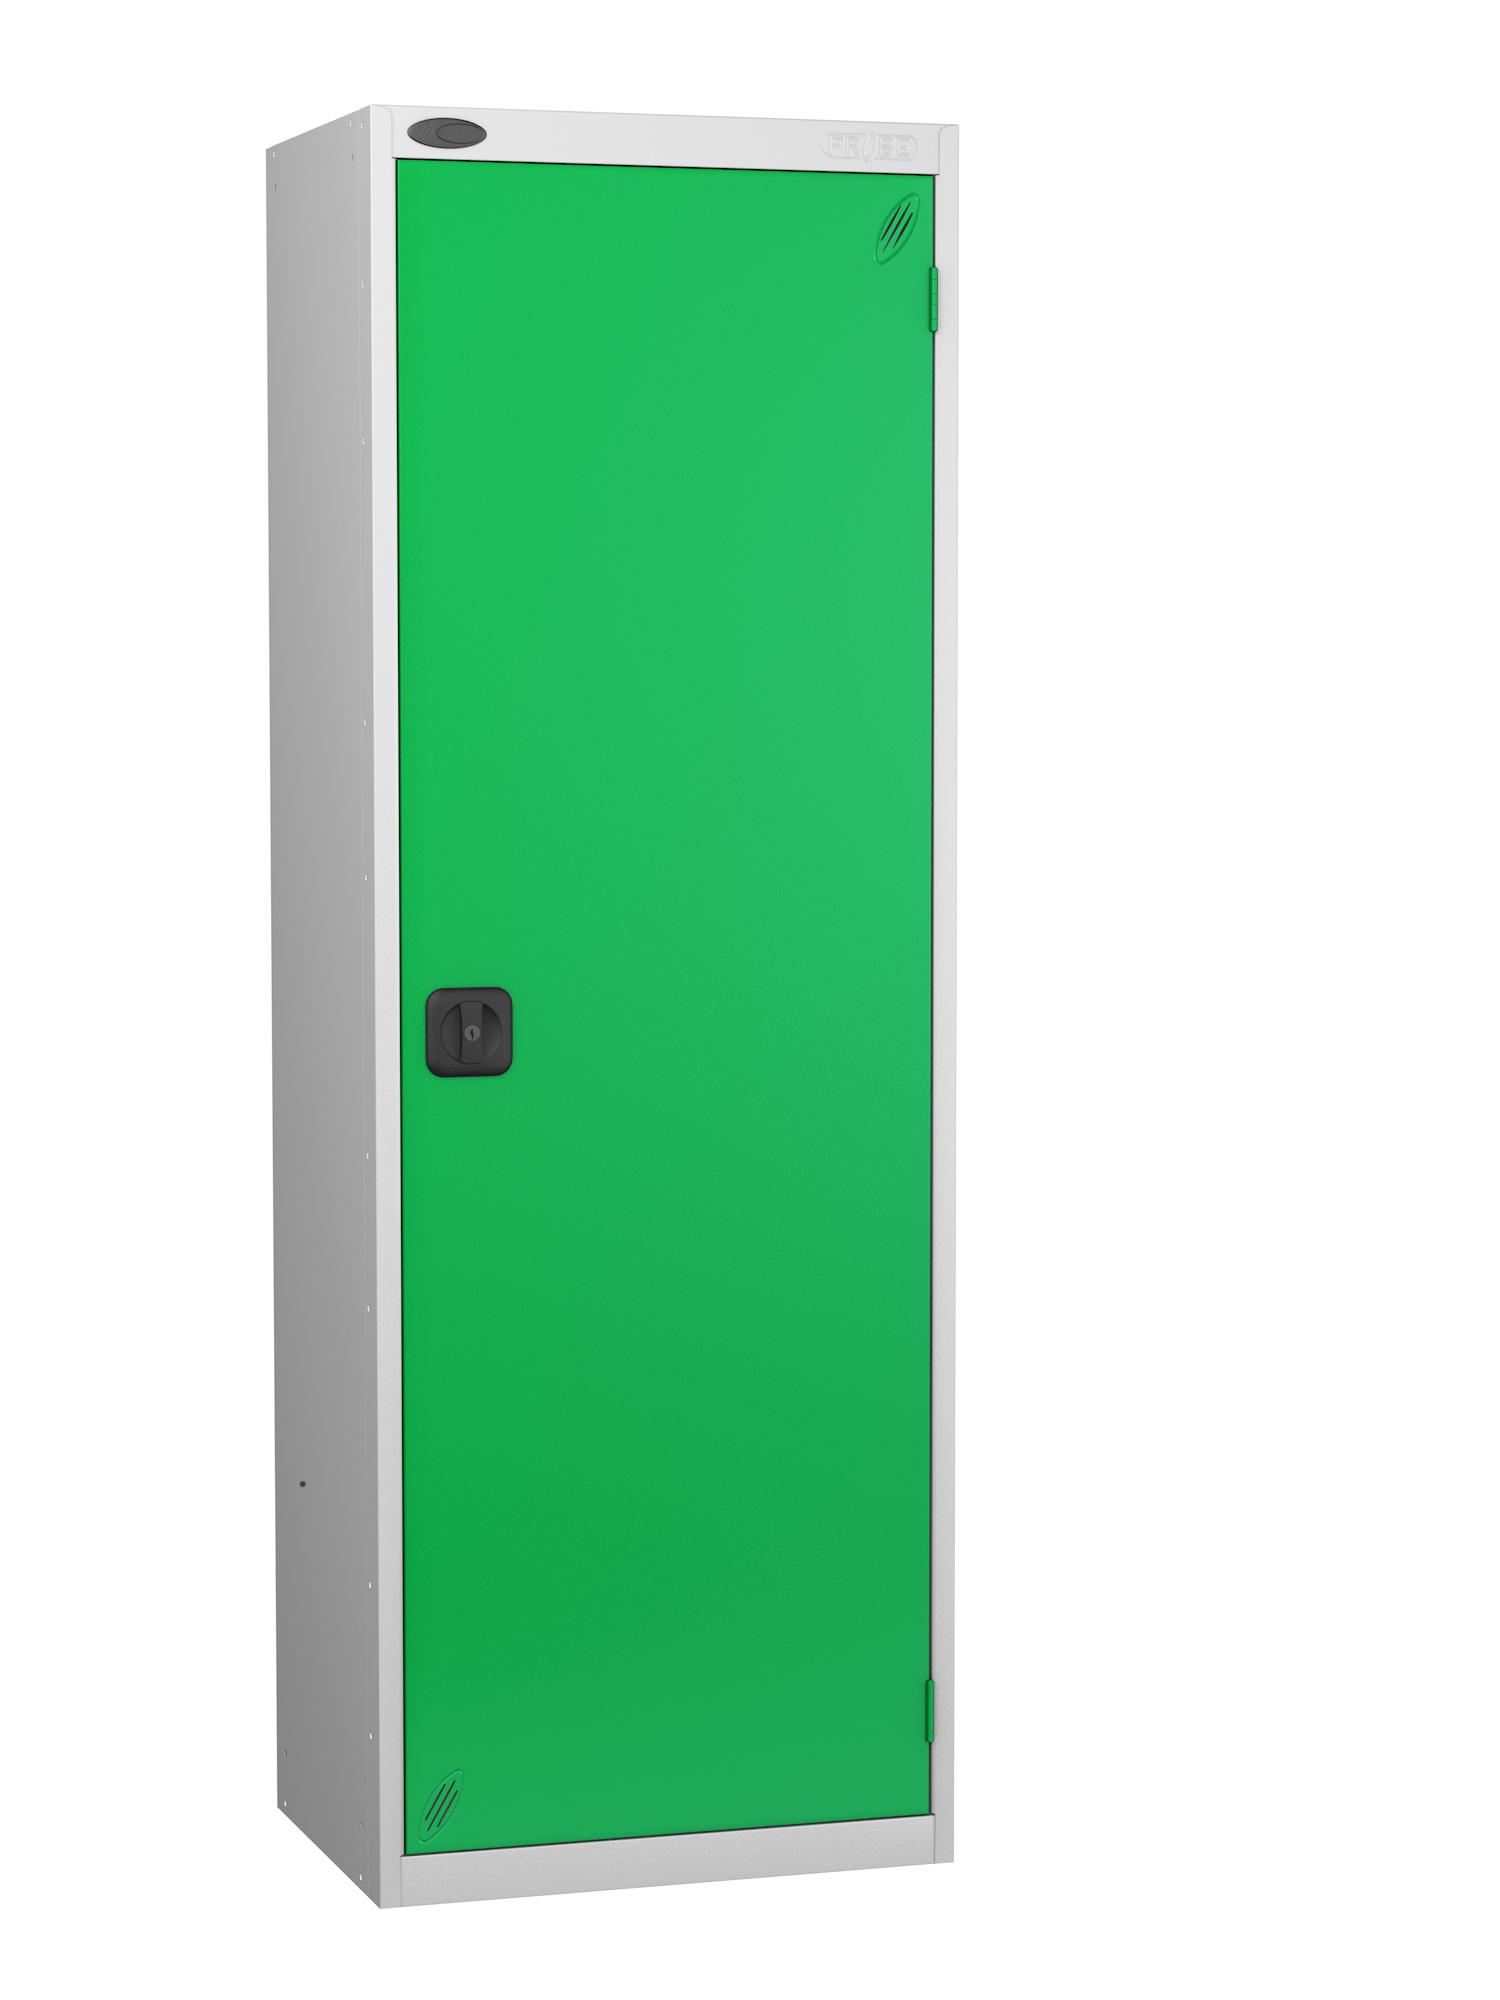 Probe high capacity specialist locker with green door